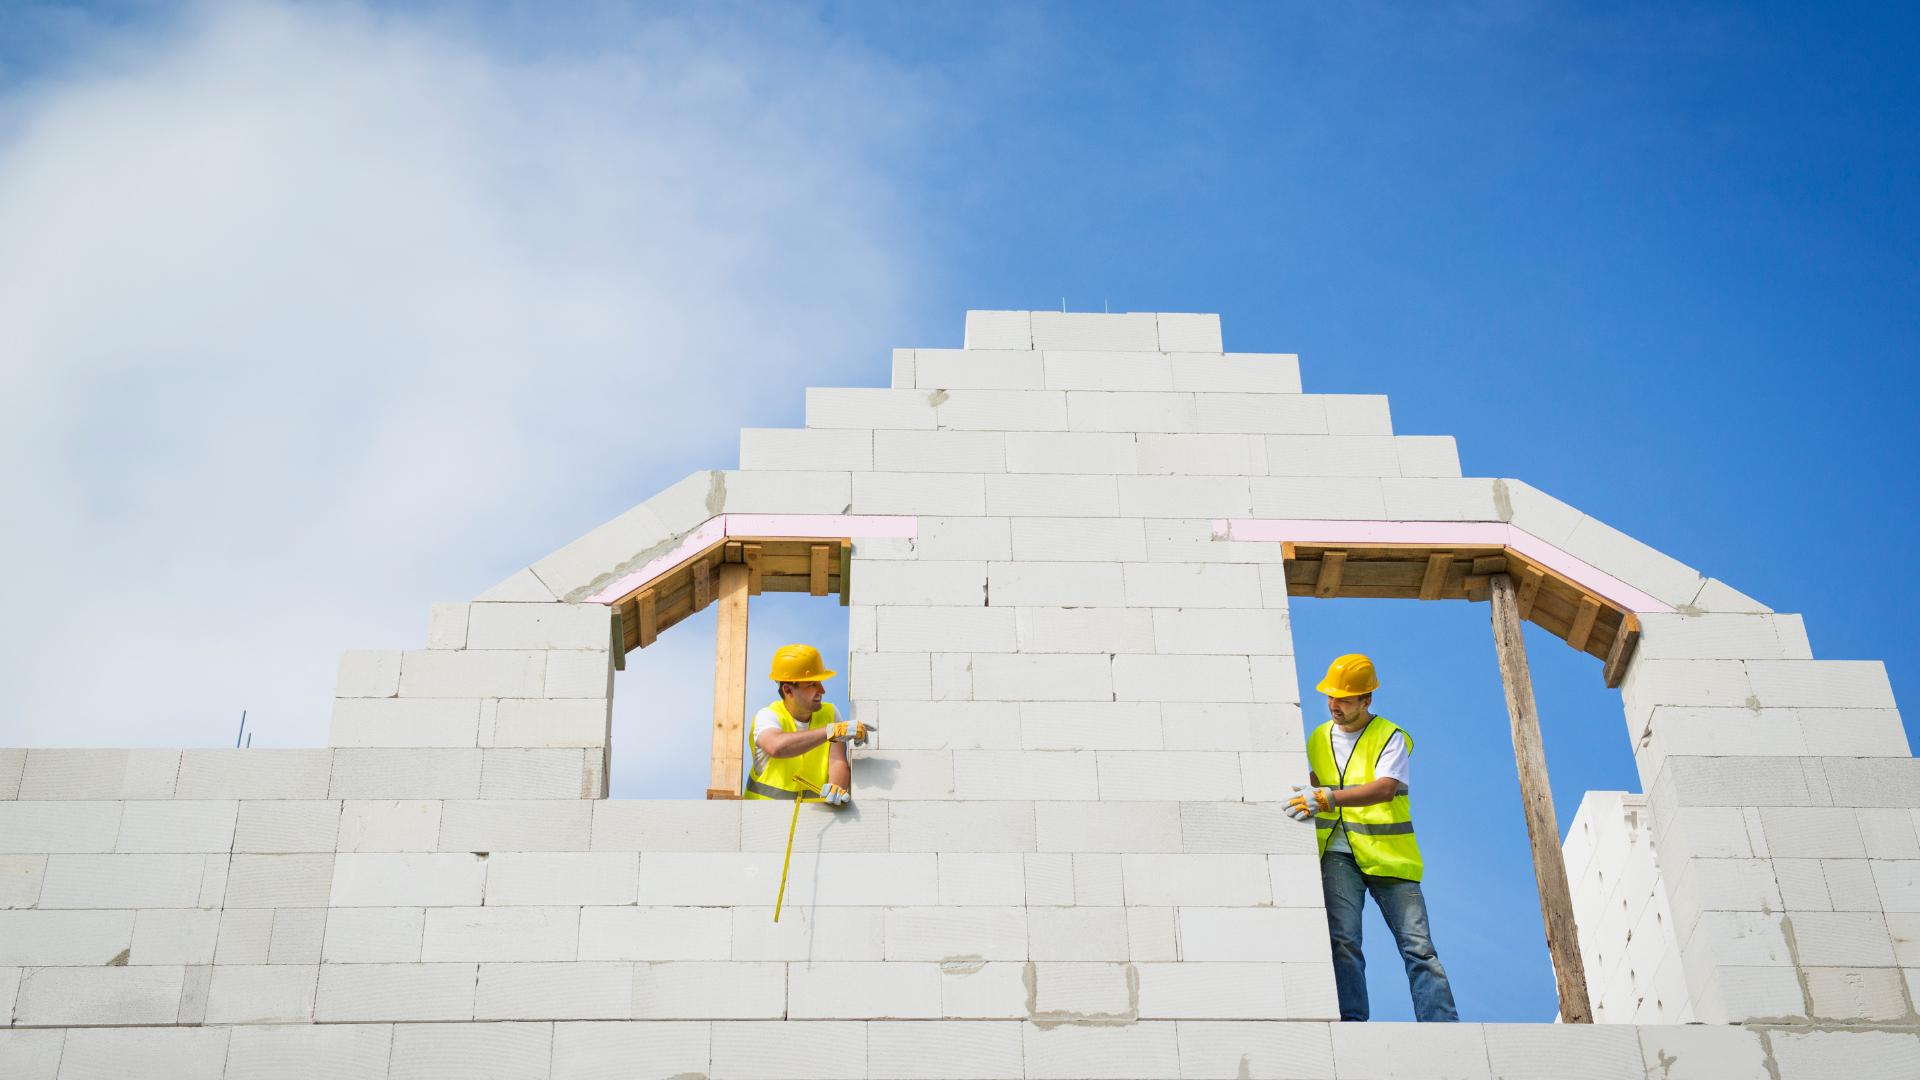 Bauarbeiter konstruieren Hauswand